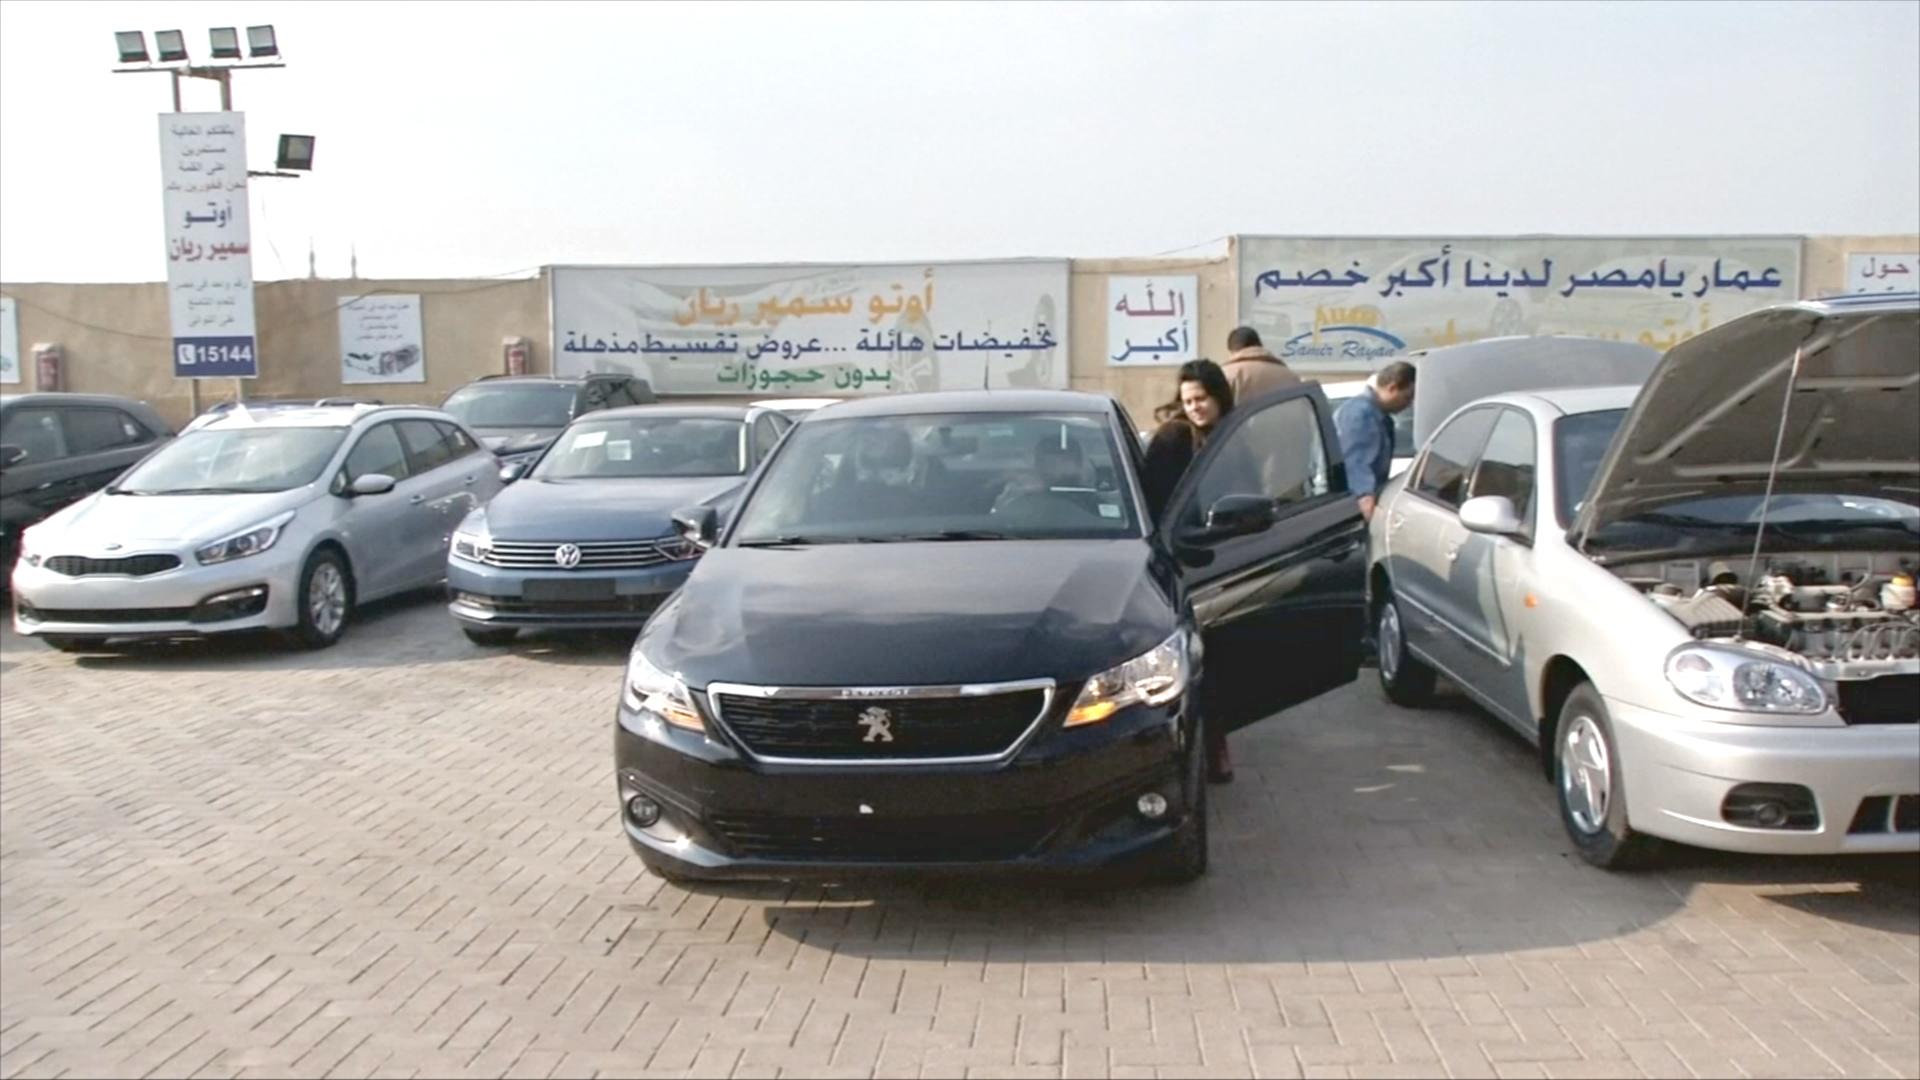 Египтяне не покупают автомобили, чтобы снизить цены